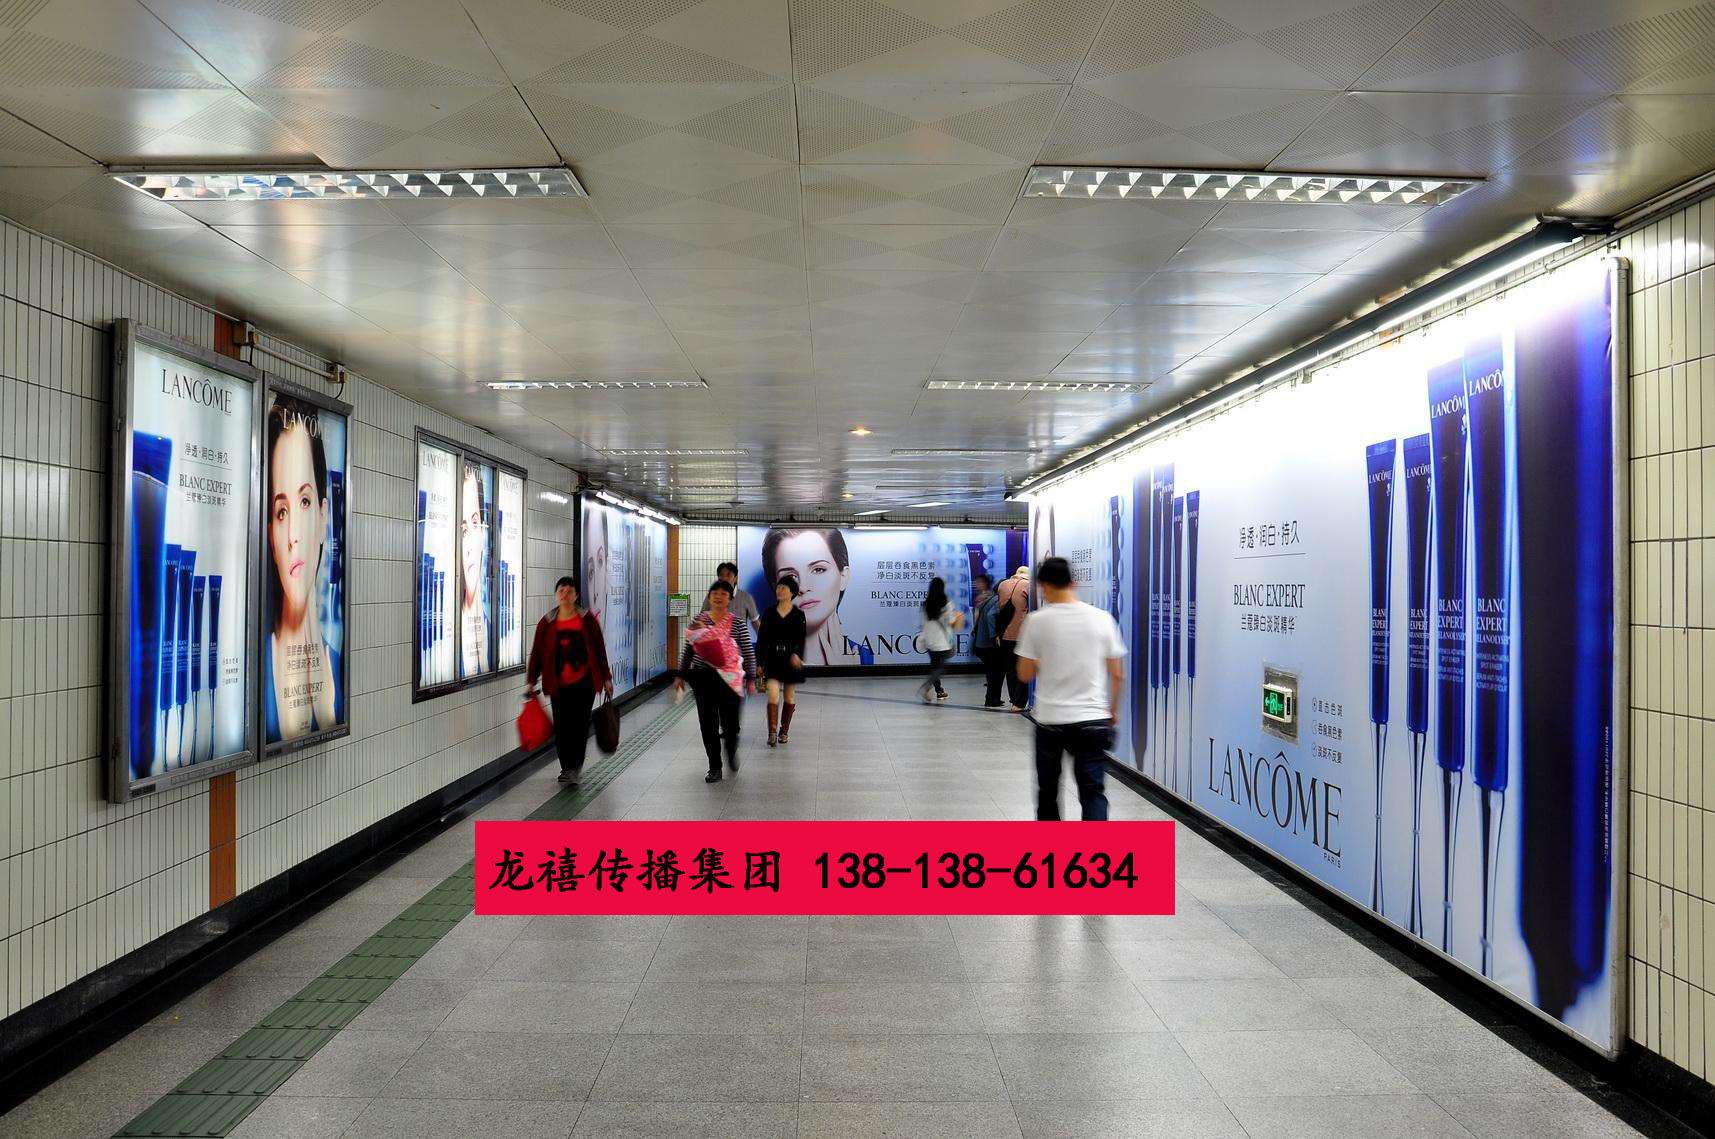 沪宁高铁站LED大屏广告价格包月推广